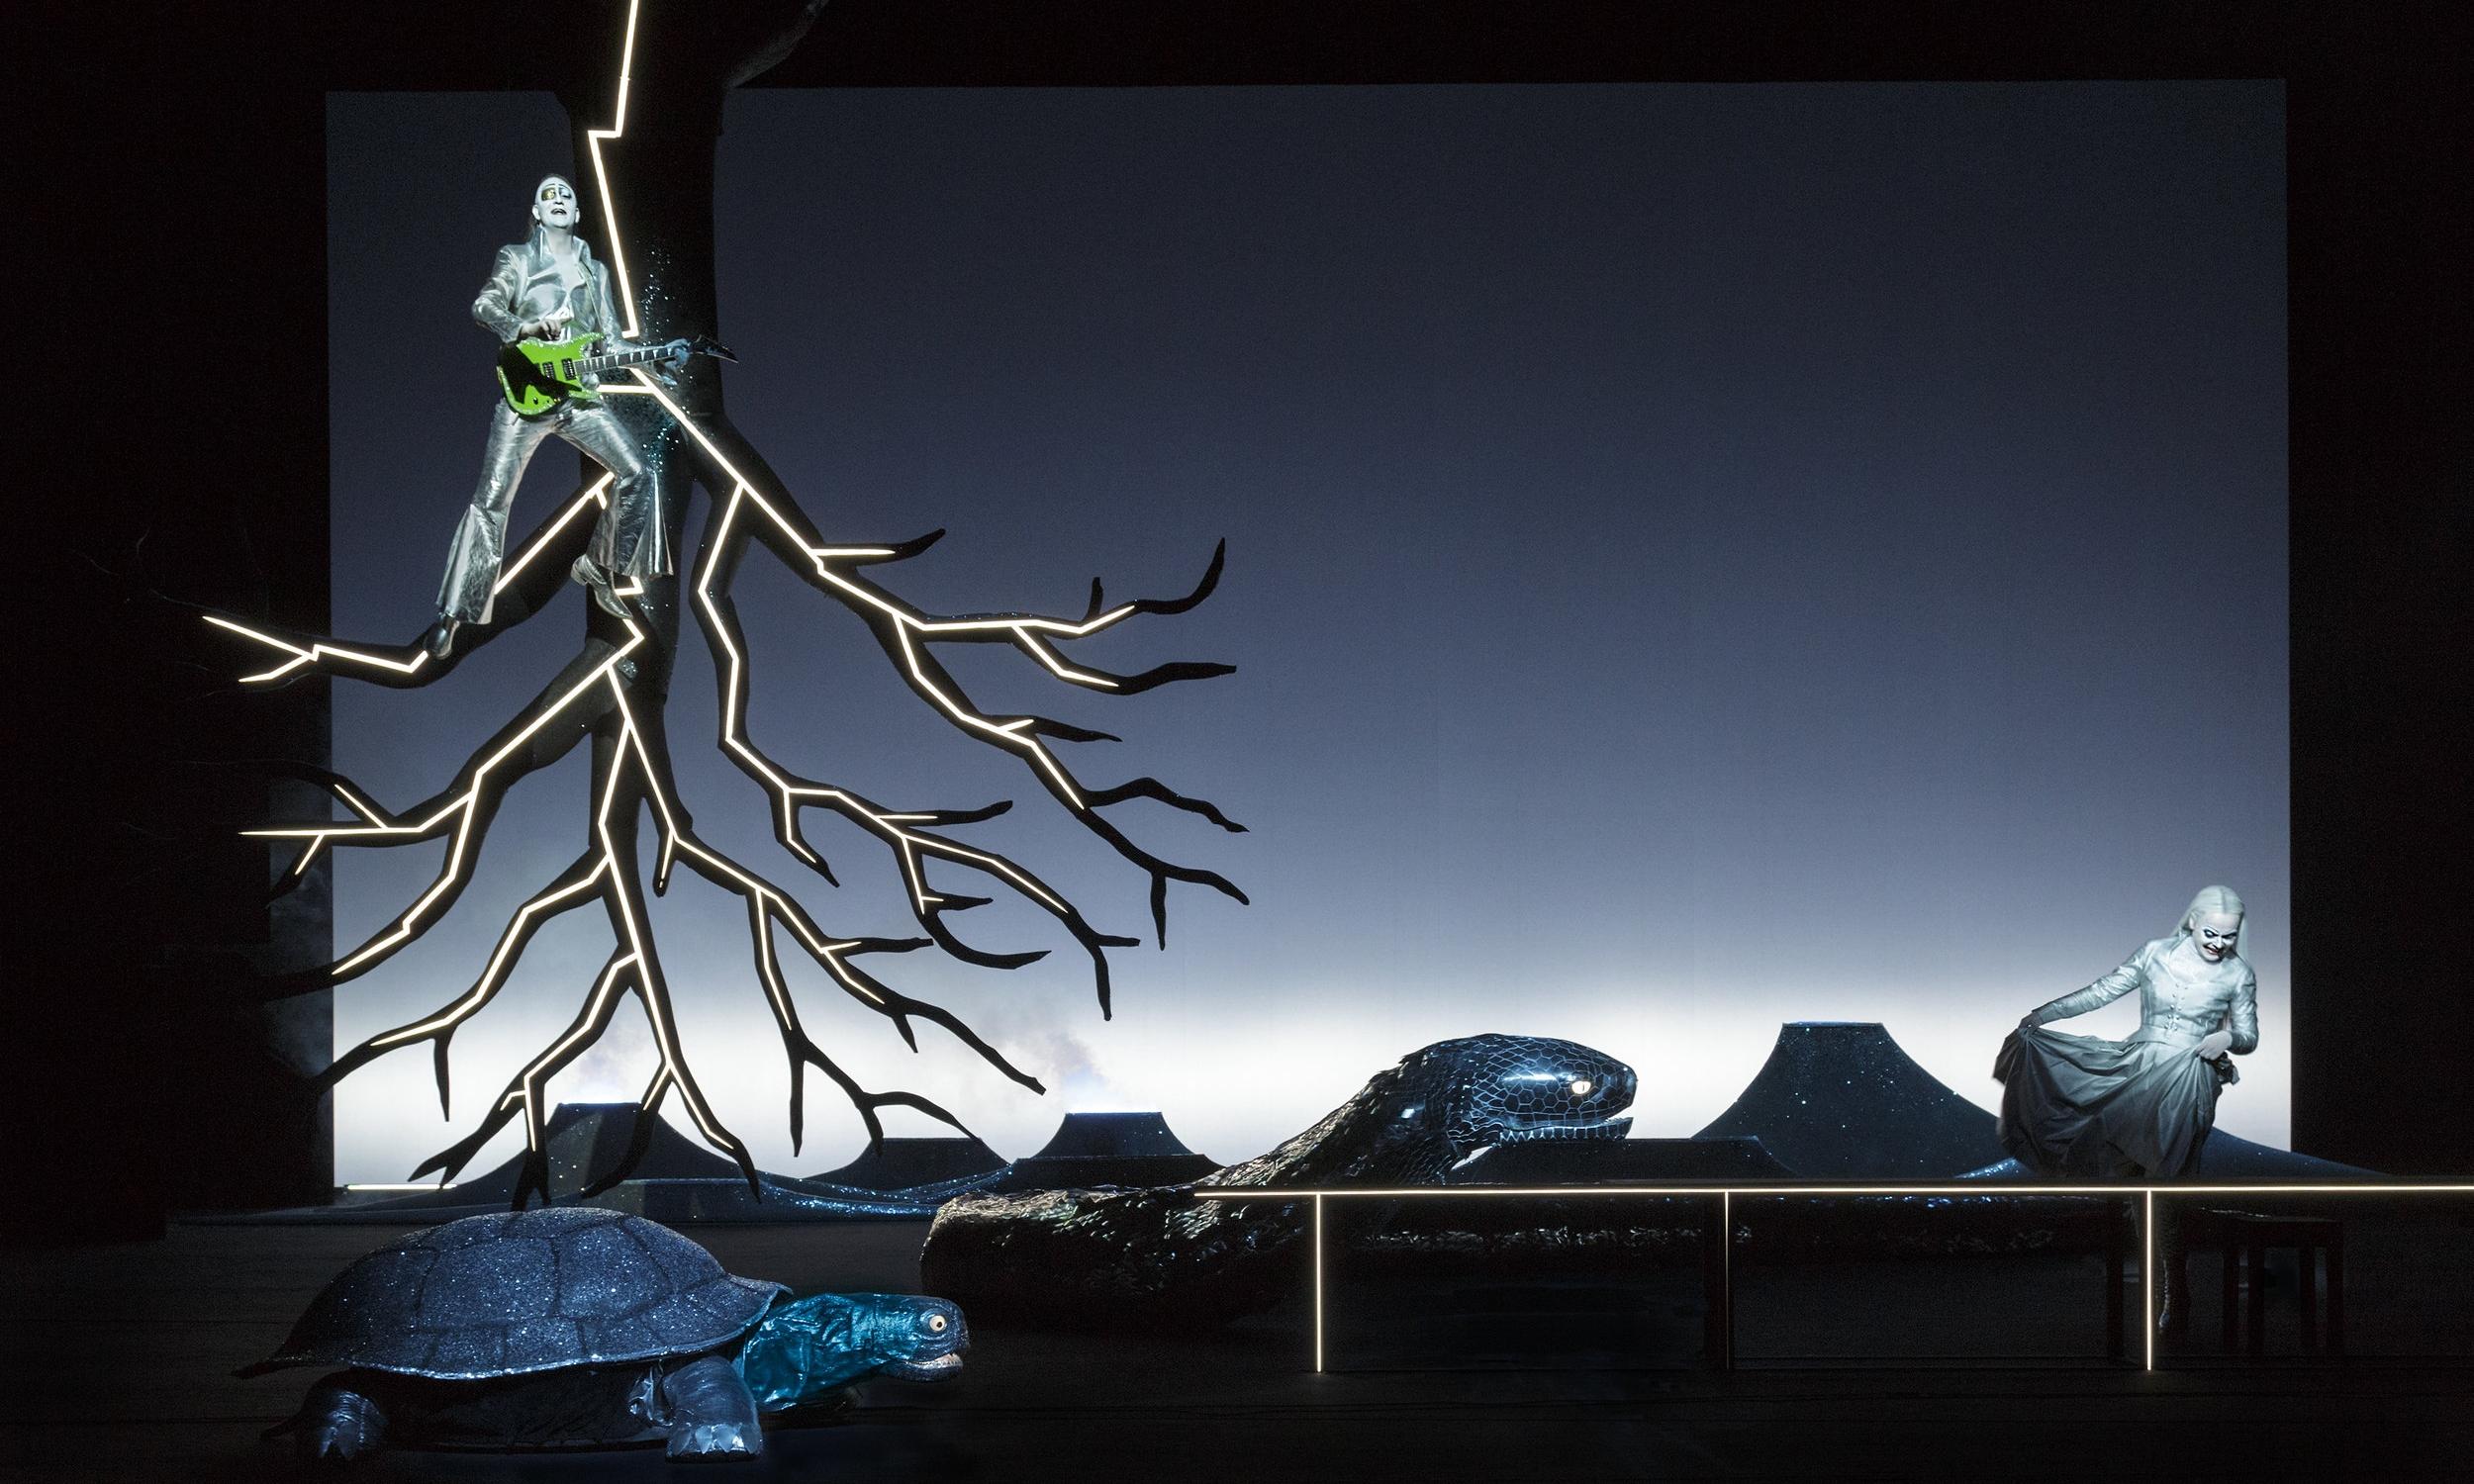 Scene 1A - Yggdrasil: Henrik Rafaelsen (Odin), Gjertrud Jynge (Volva)